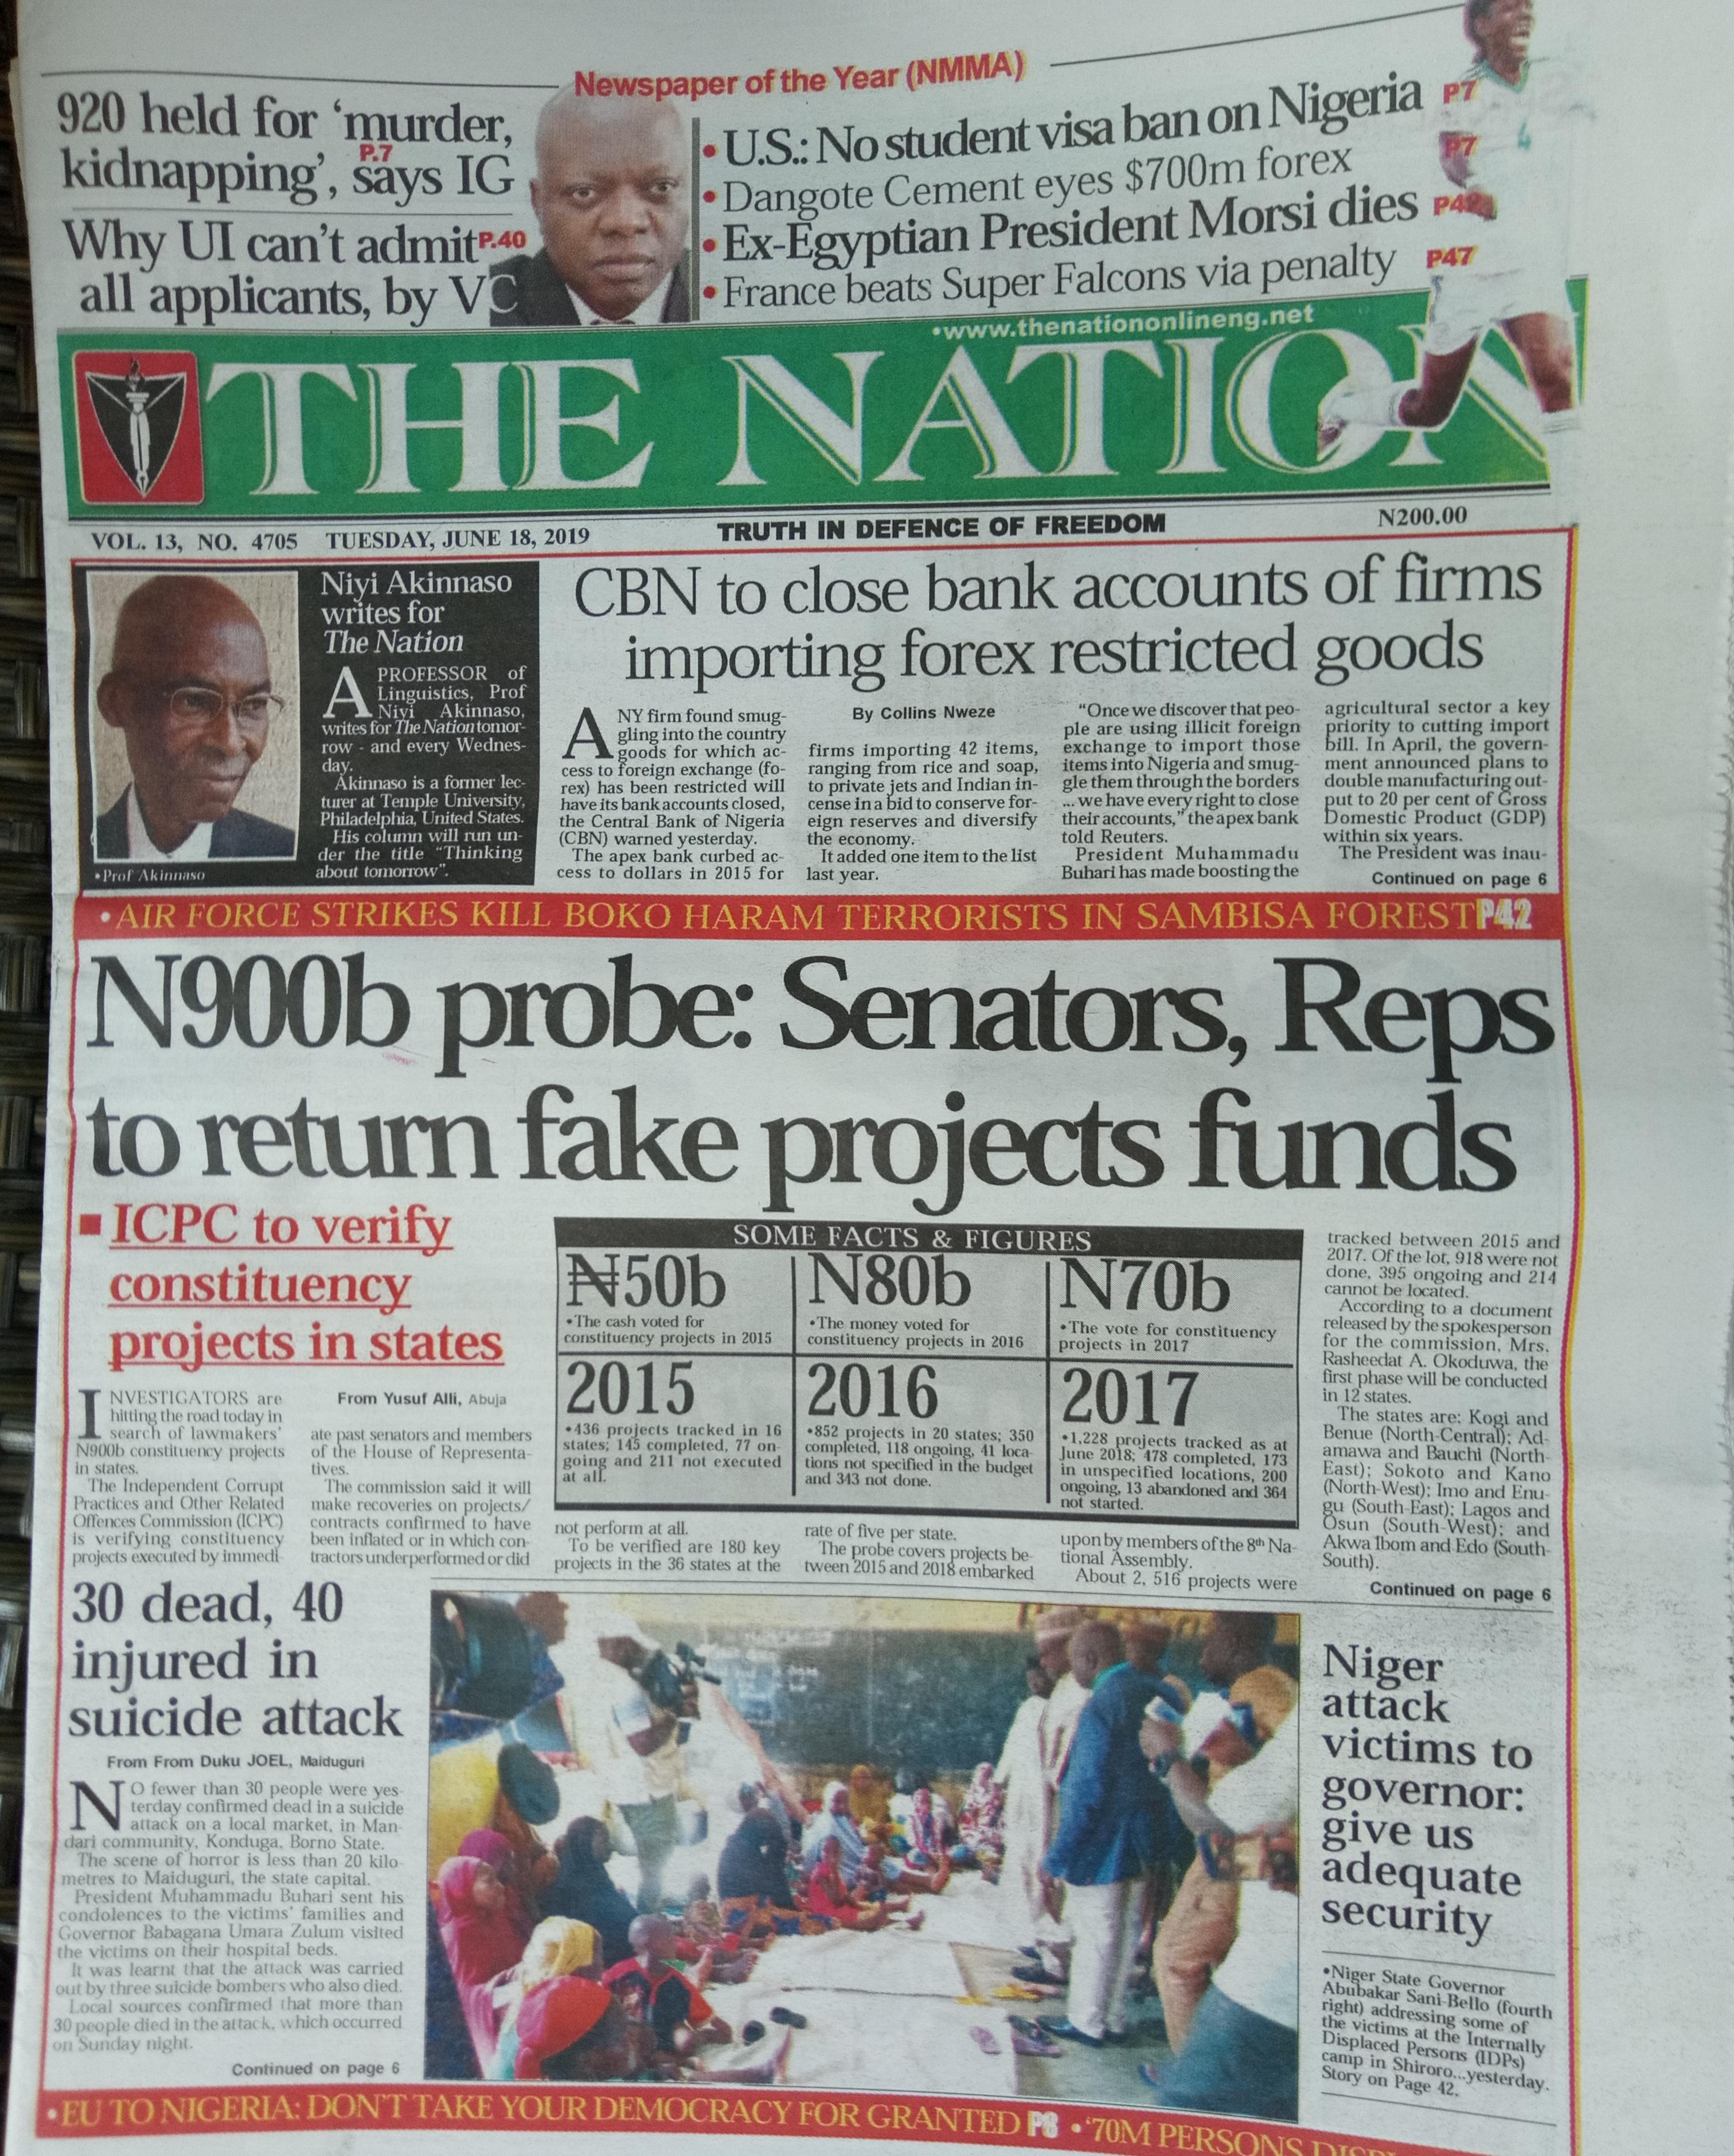 June 2019 Diary of Nigeria's Corruption Conundrum